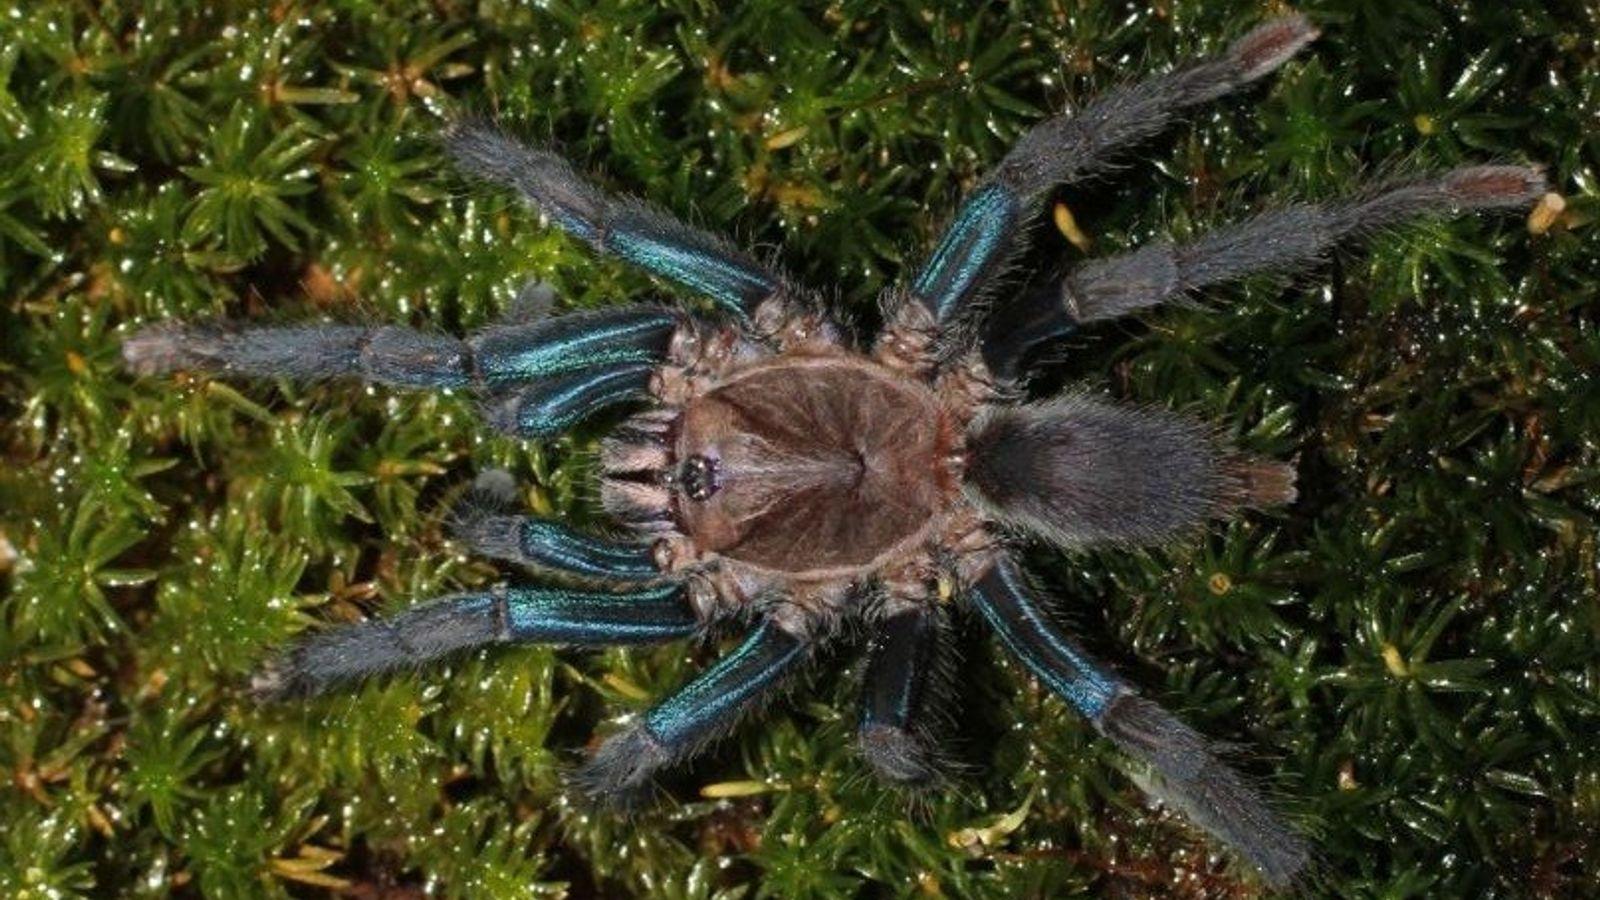 Fêmeas da espécie recém-descoberta apresentam pernas de um azul brilhante, enquanto os machos são amarronzados.